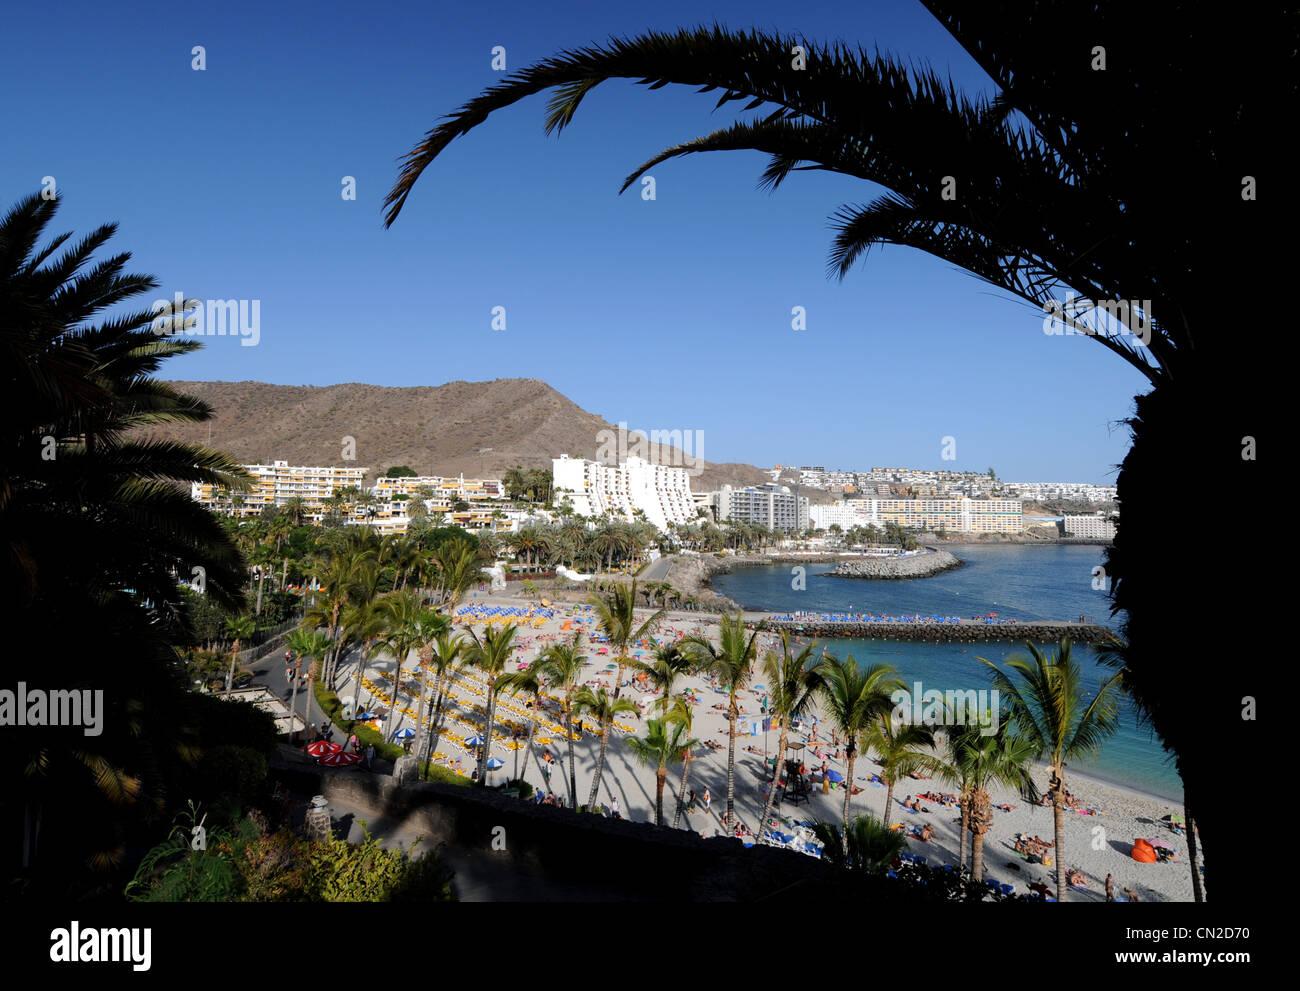 Anfi Del Mar Resort und Strand, Gran Canaria, Kanarische Inseln Stockbild